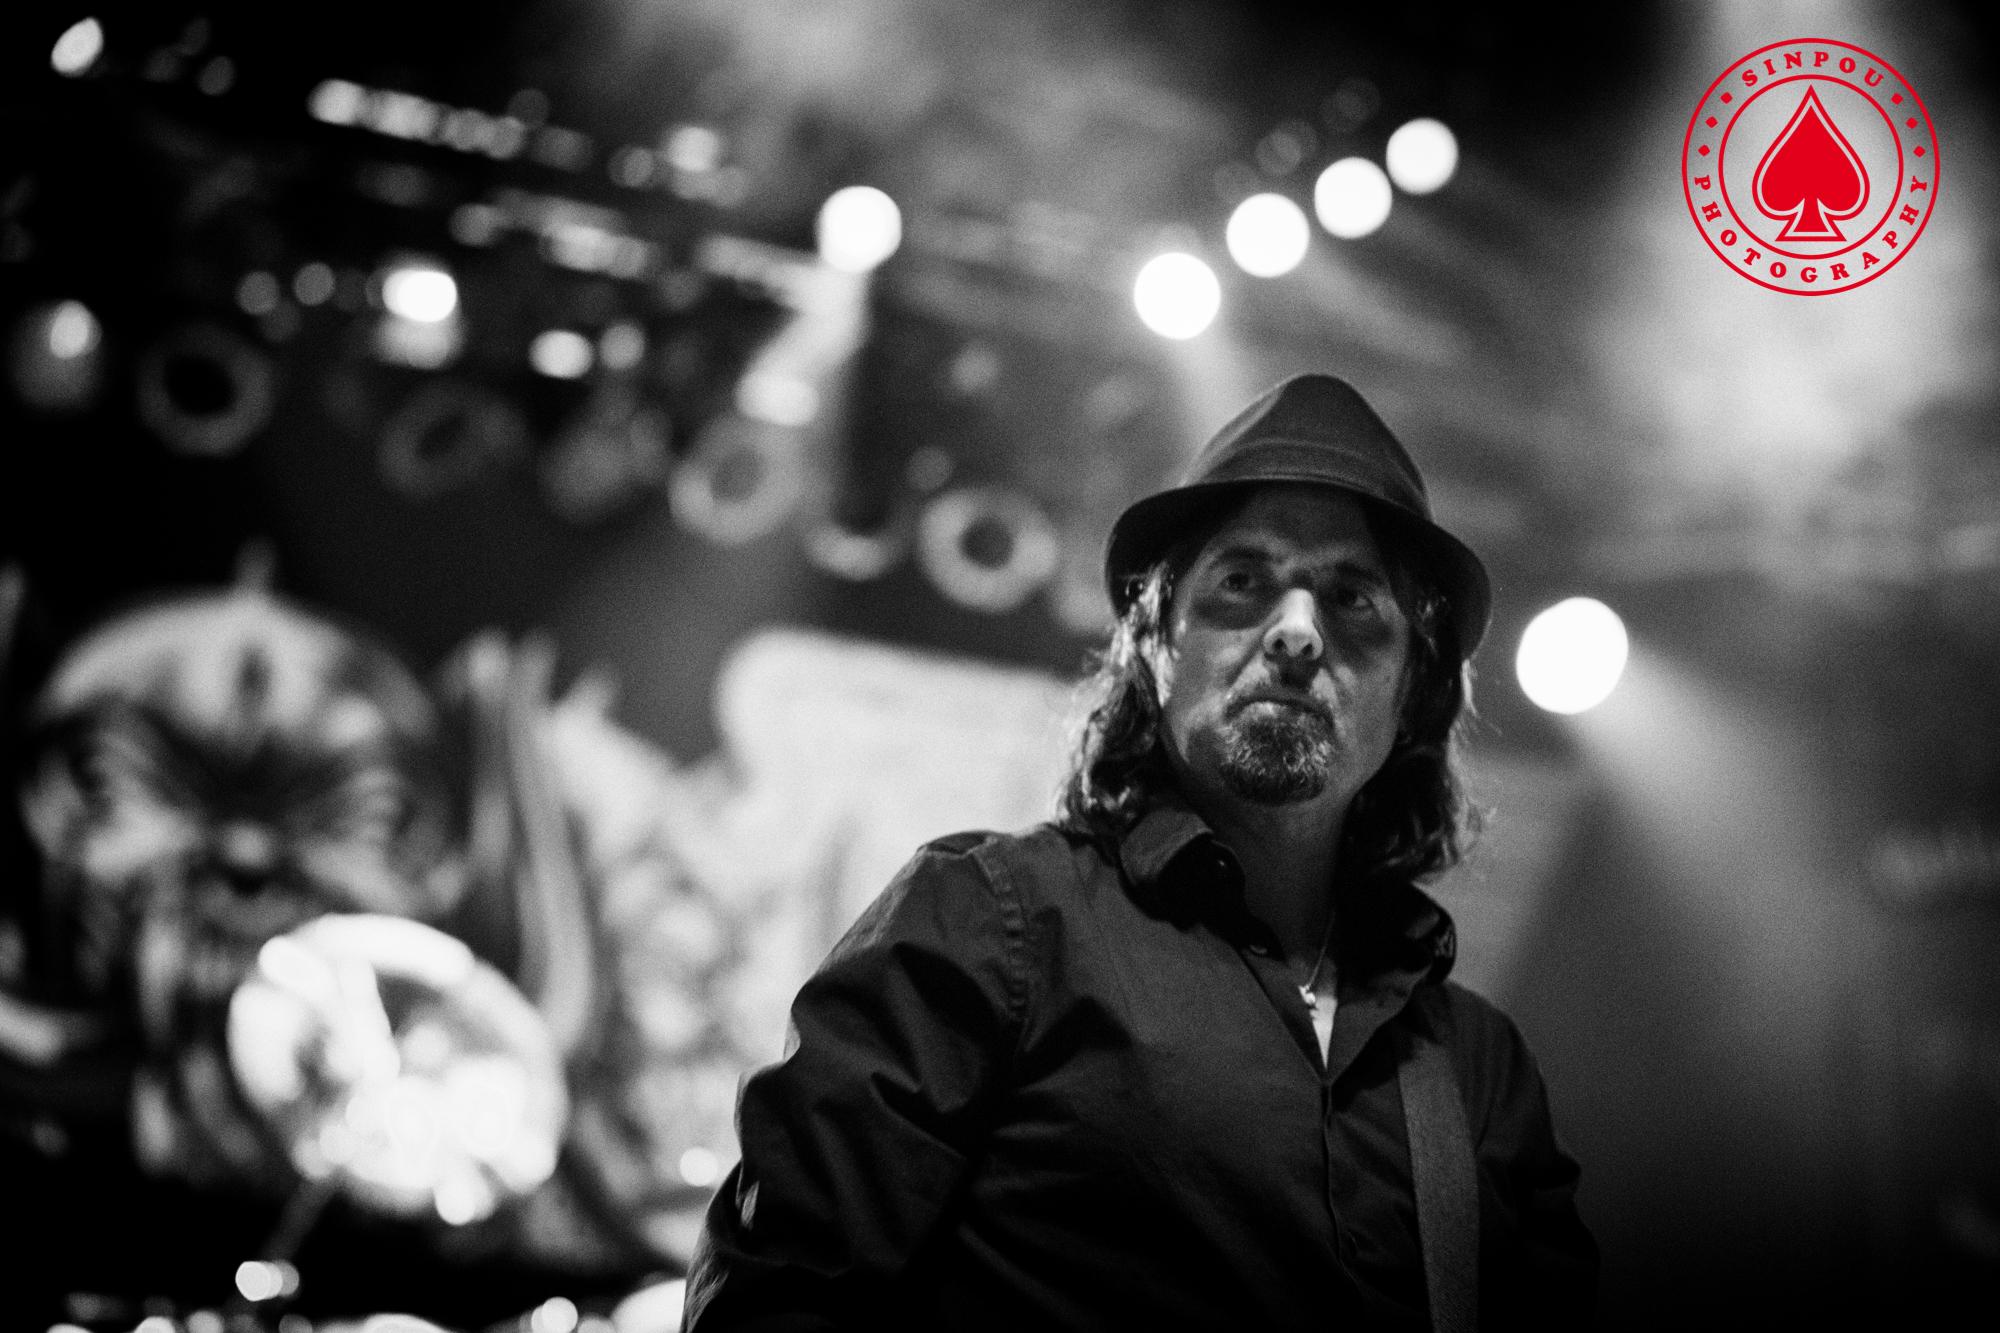 Phil Campbell - Motörhead